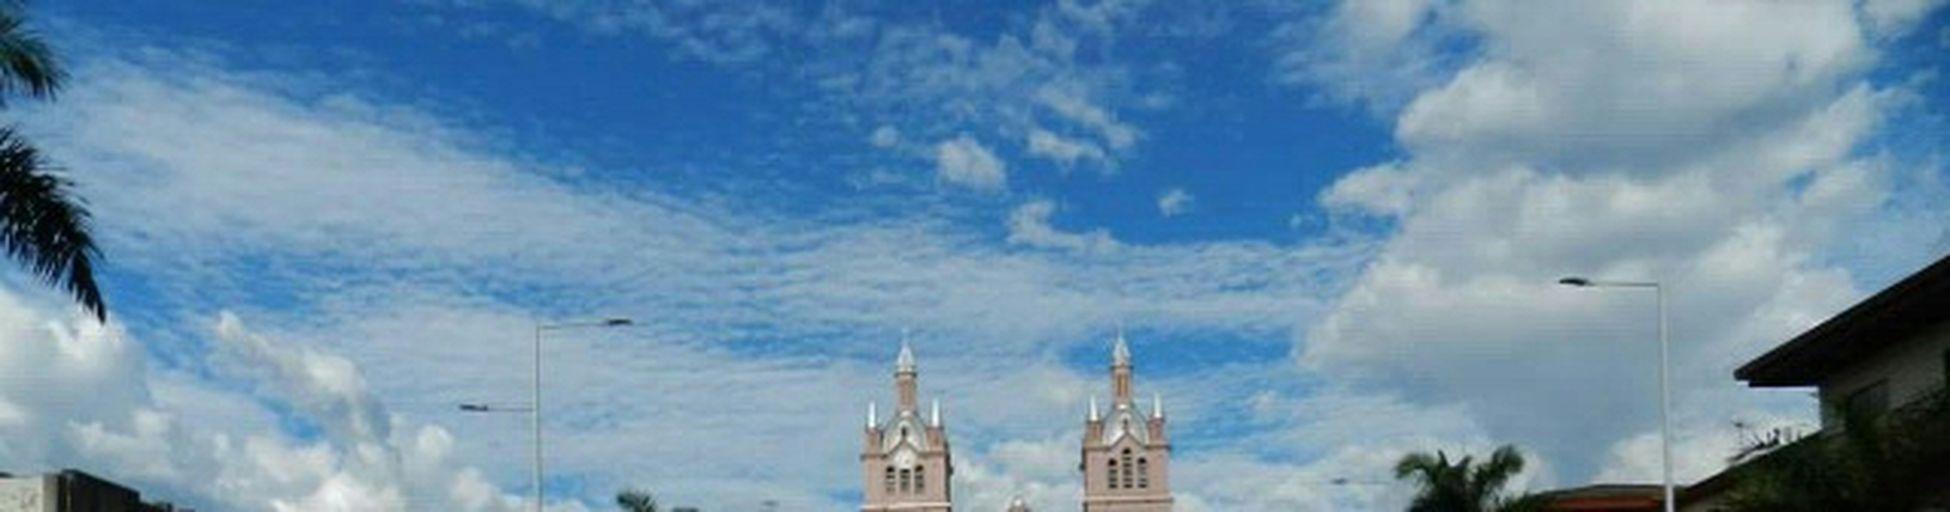 BUGA, catedral del señor de los milagros